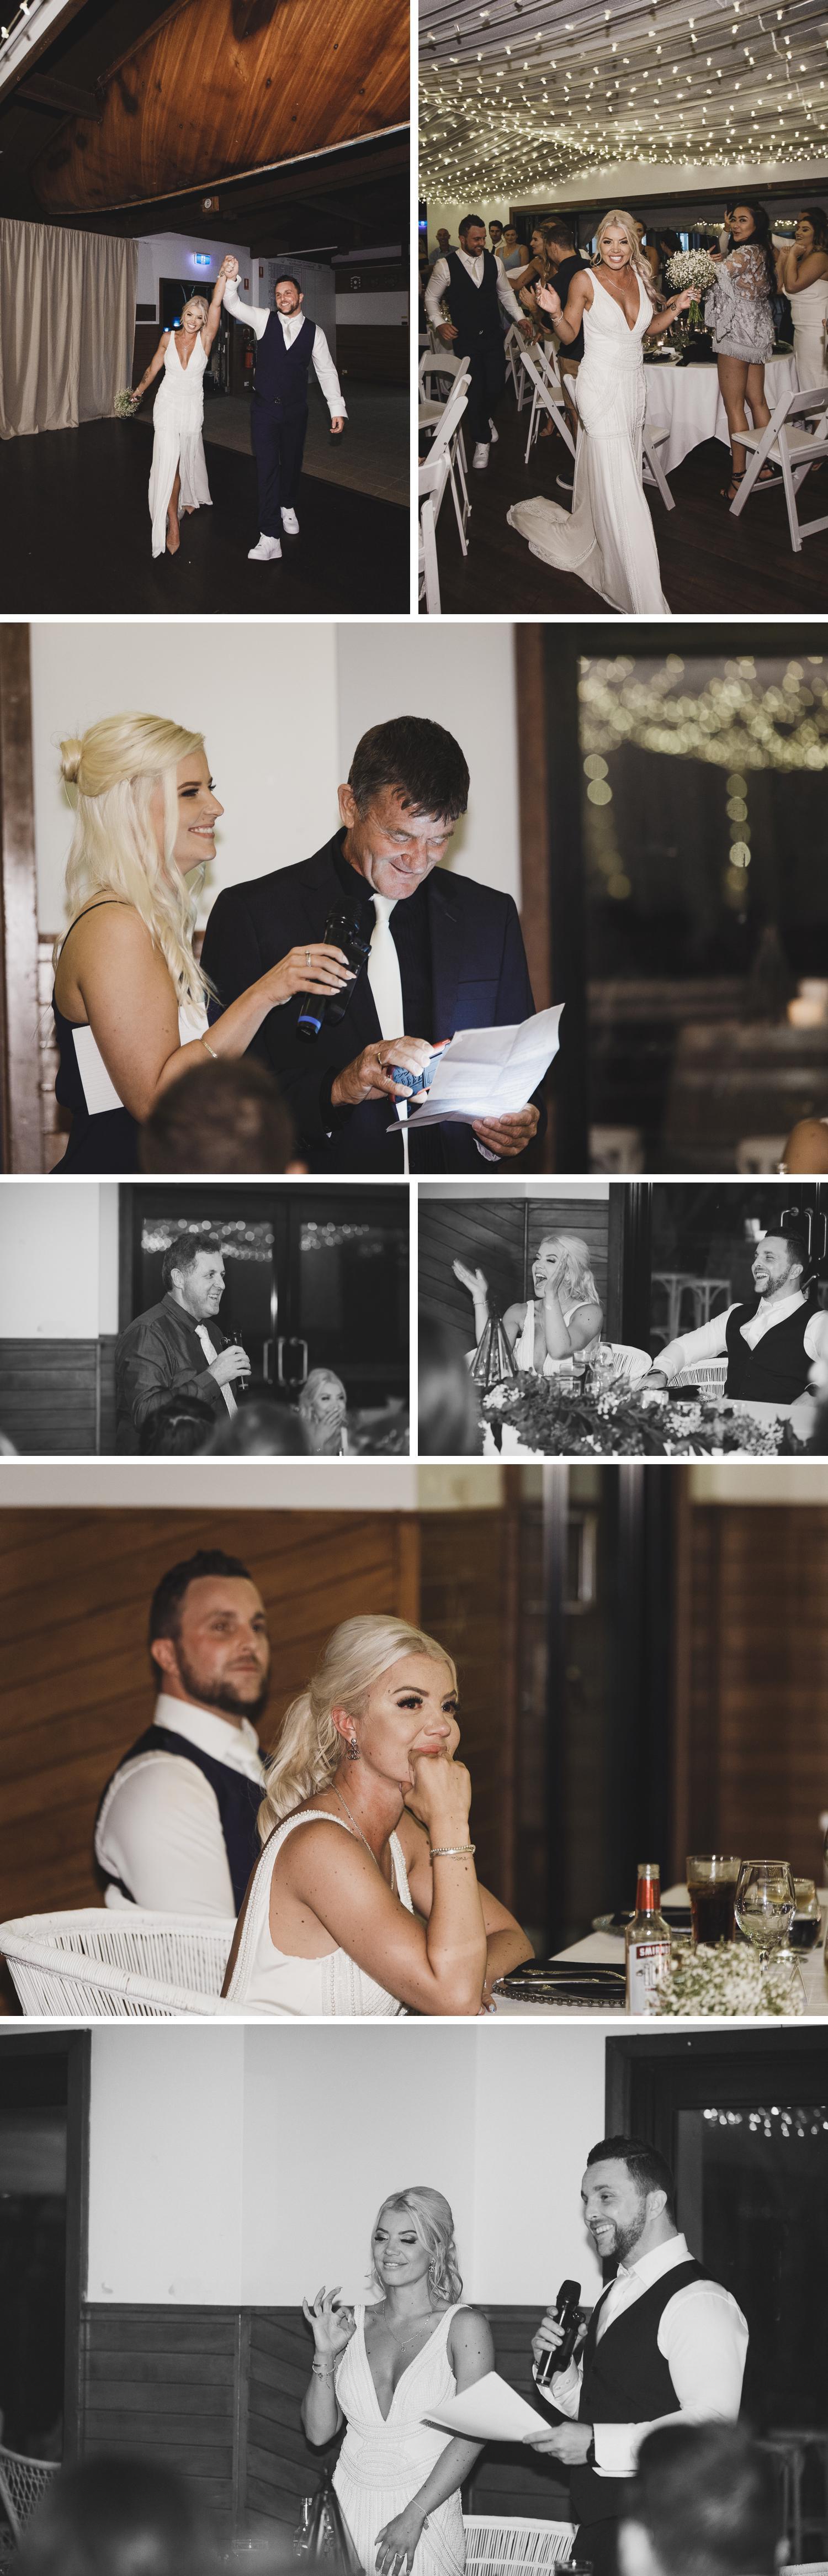 Byron Bay Victoria Wedding Photos, Byron Bay Surf Club Wedding, Byron Bay Lighthouse, Bride and Groom Embracing Wedding Photos by Danae Studios